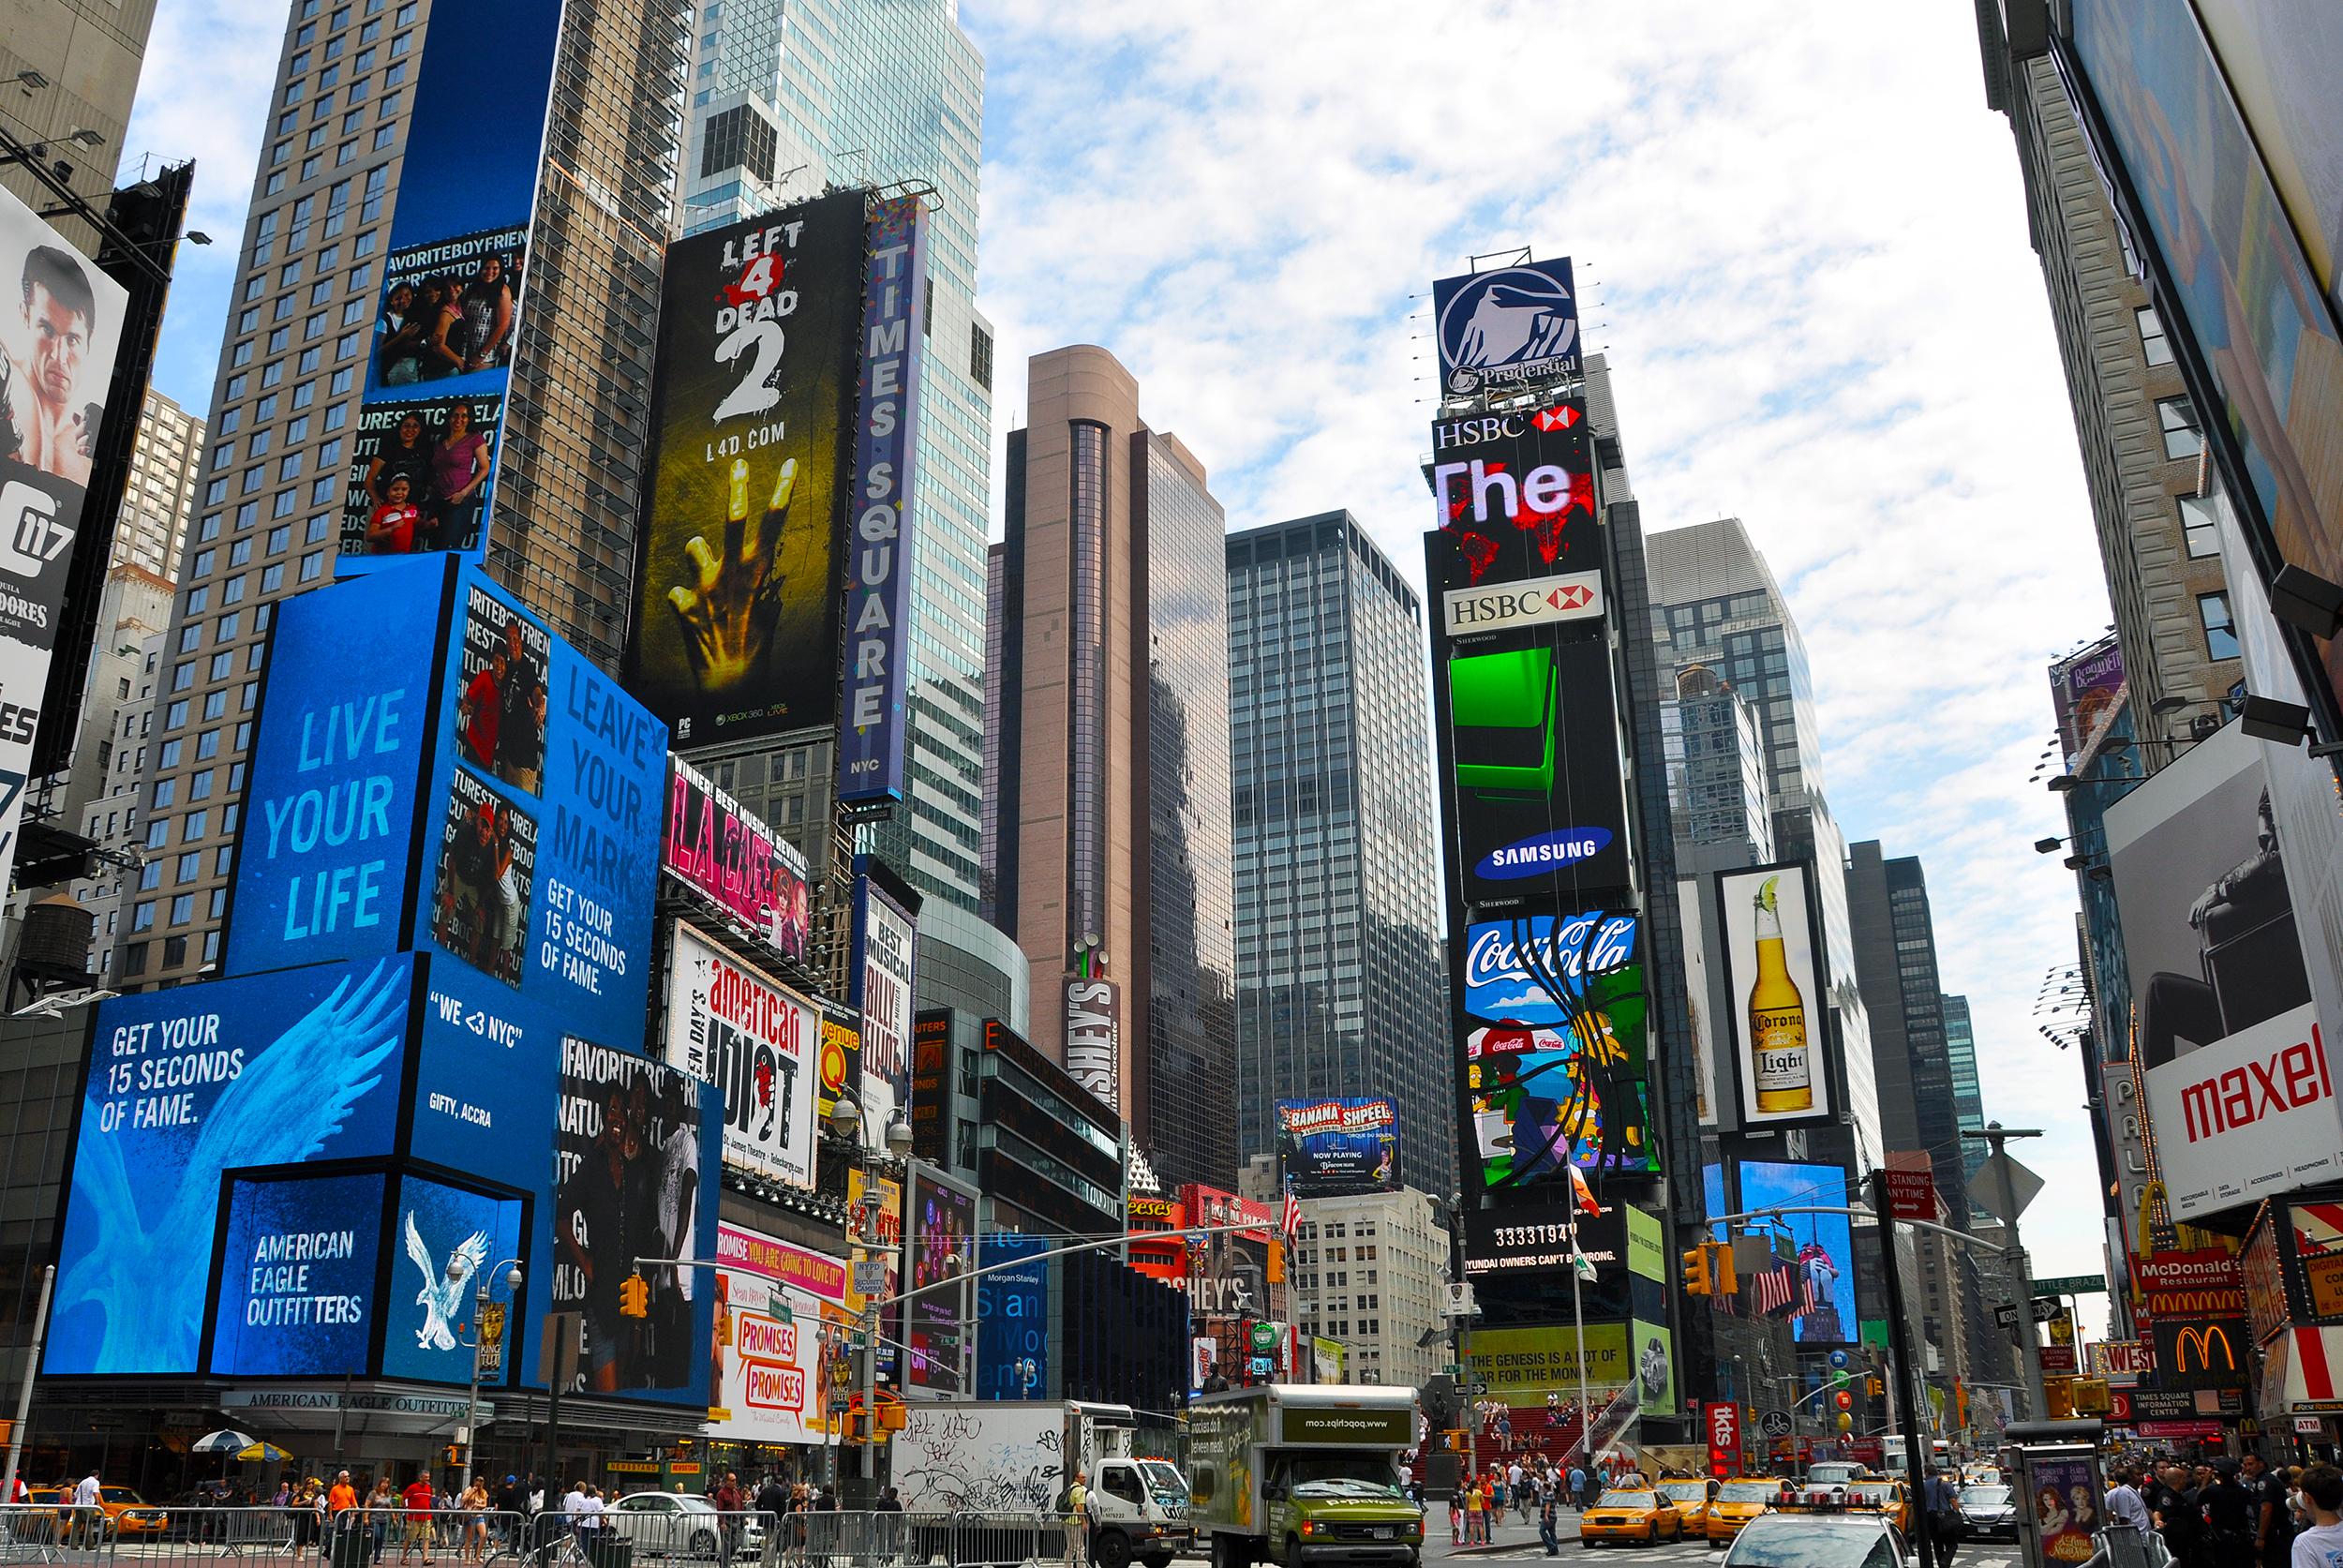 Åtta favoritplatser i USA times square new york city